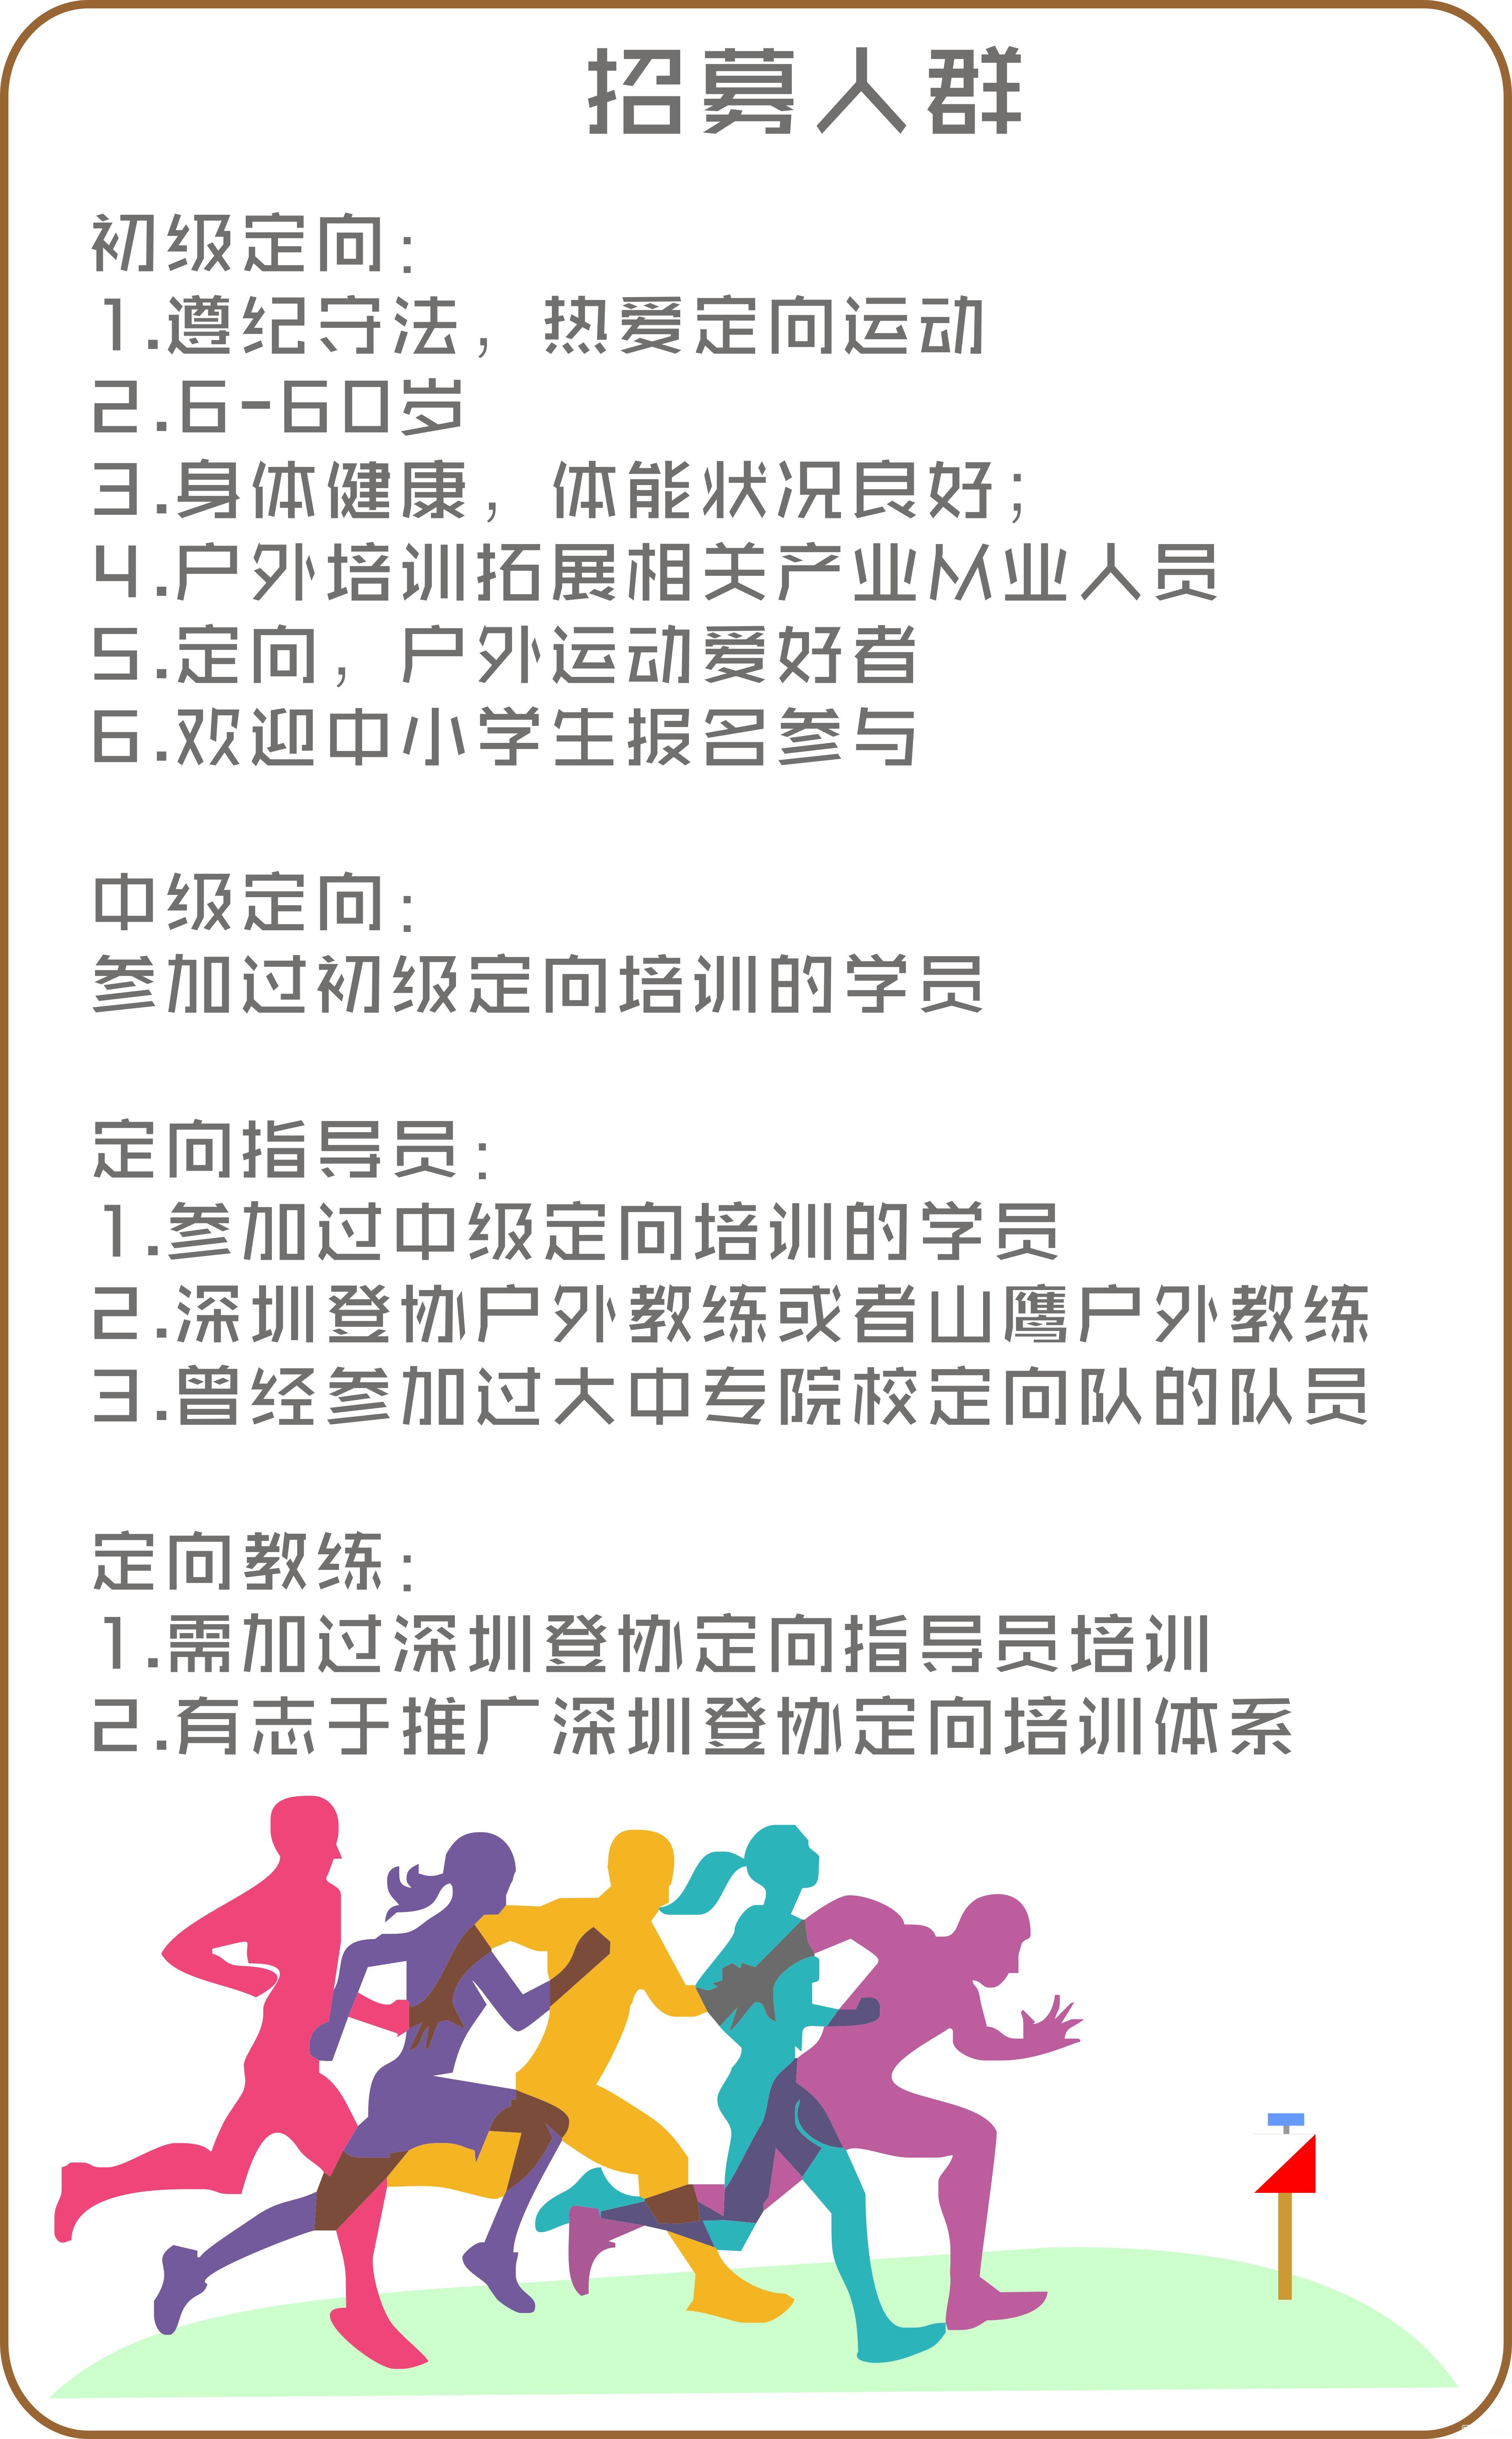 10-招募人群.jpg